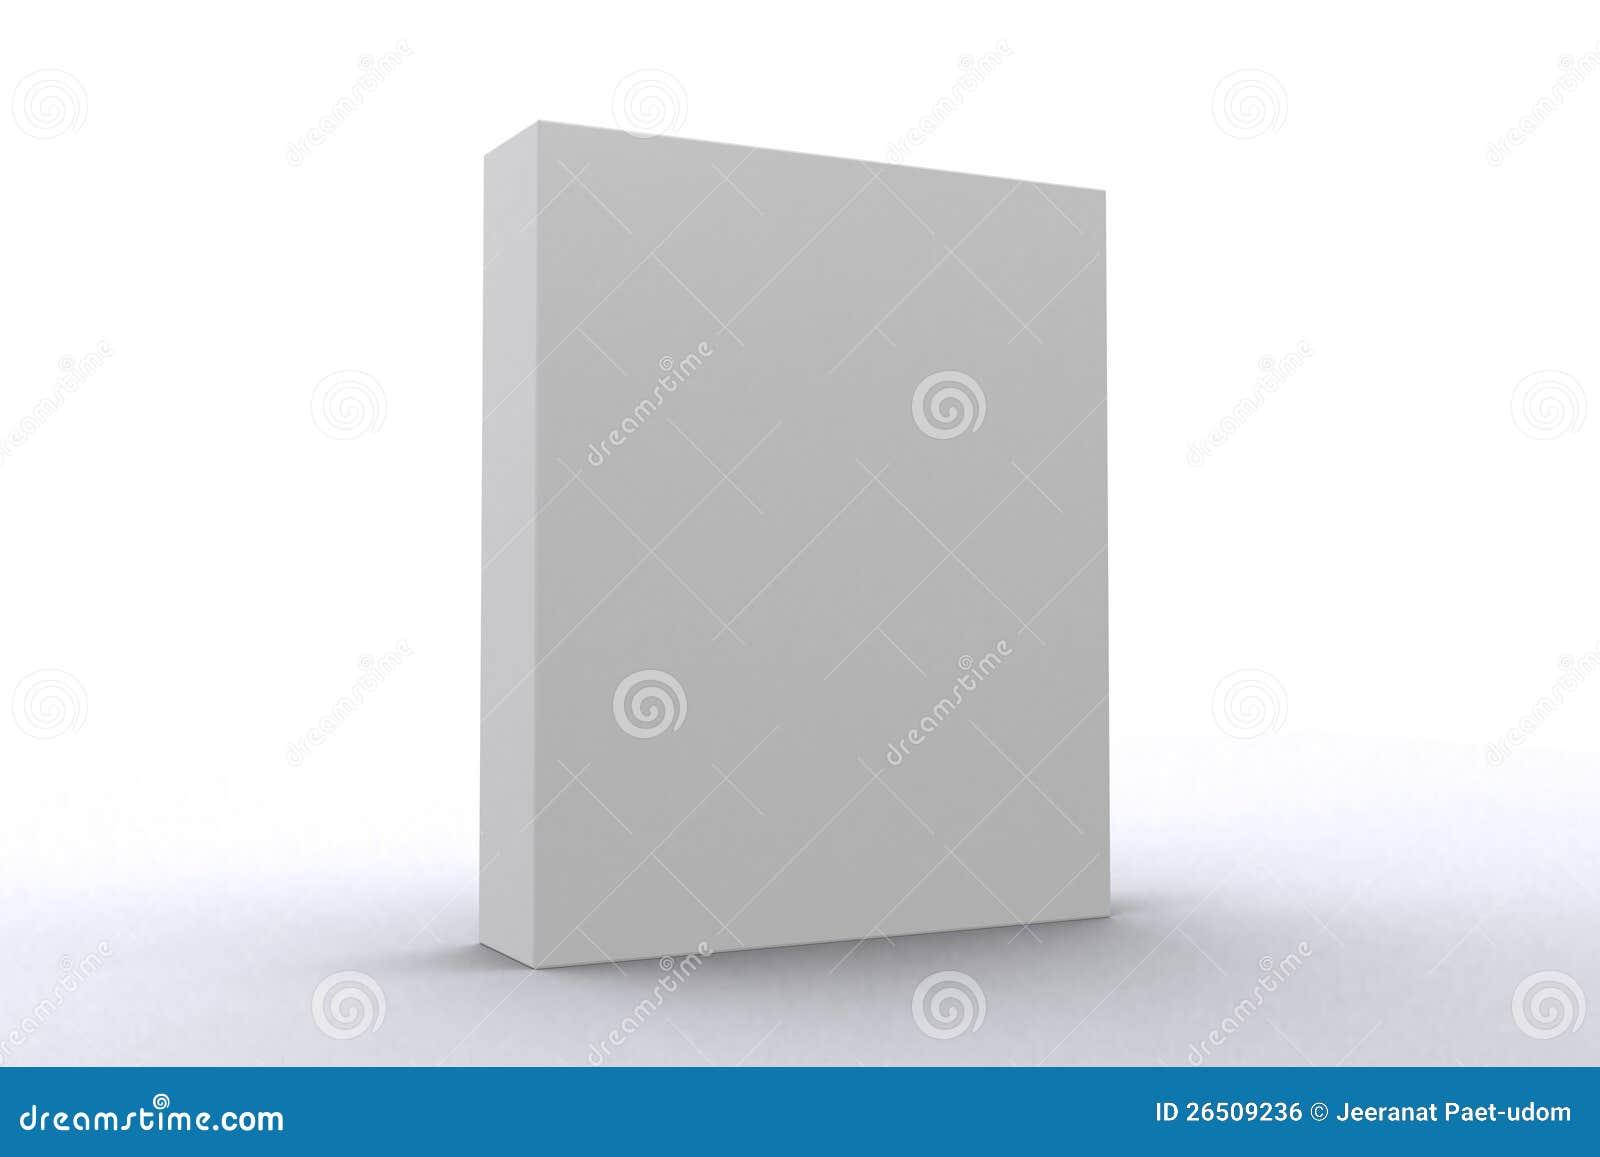 Rectángulo blanco del paquete de programas informáticos